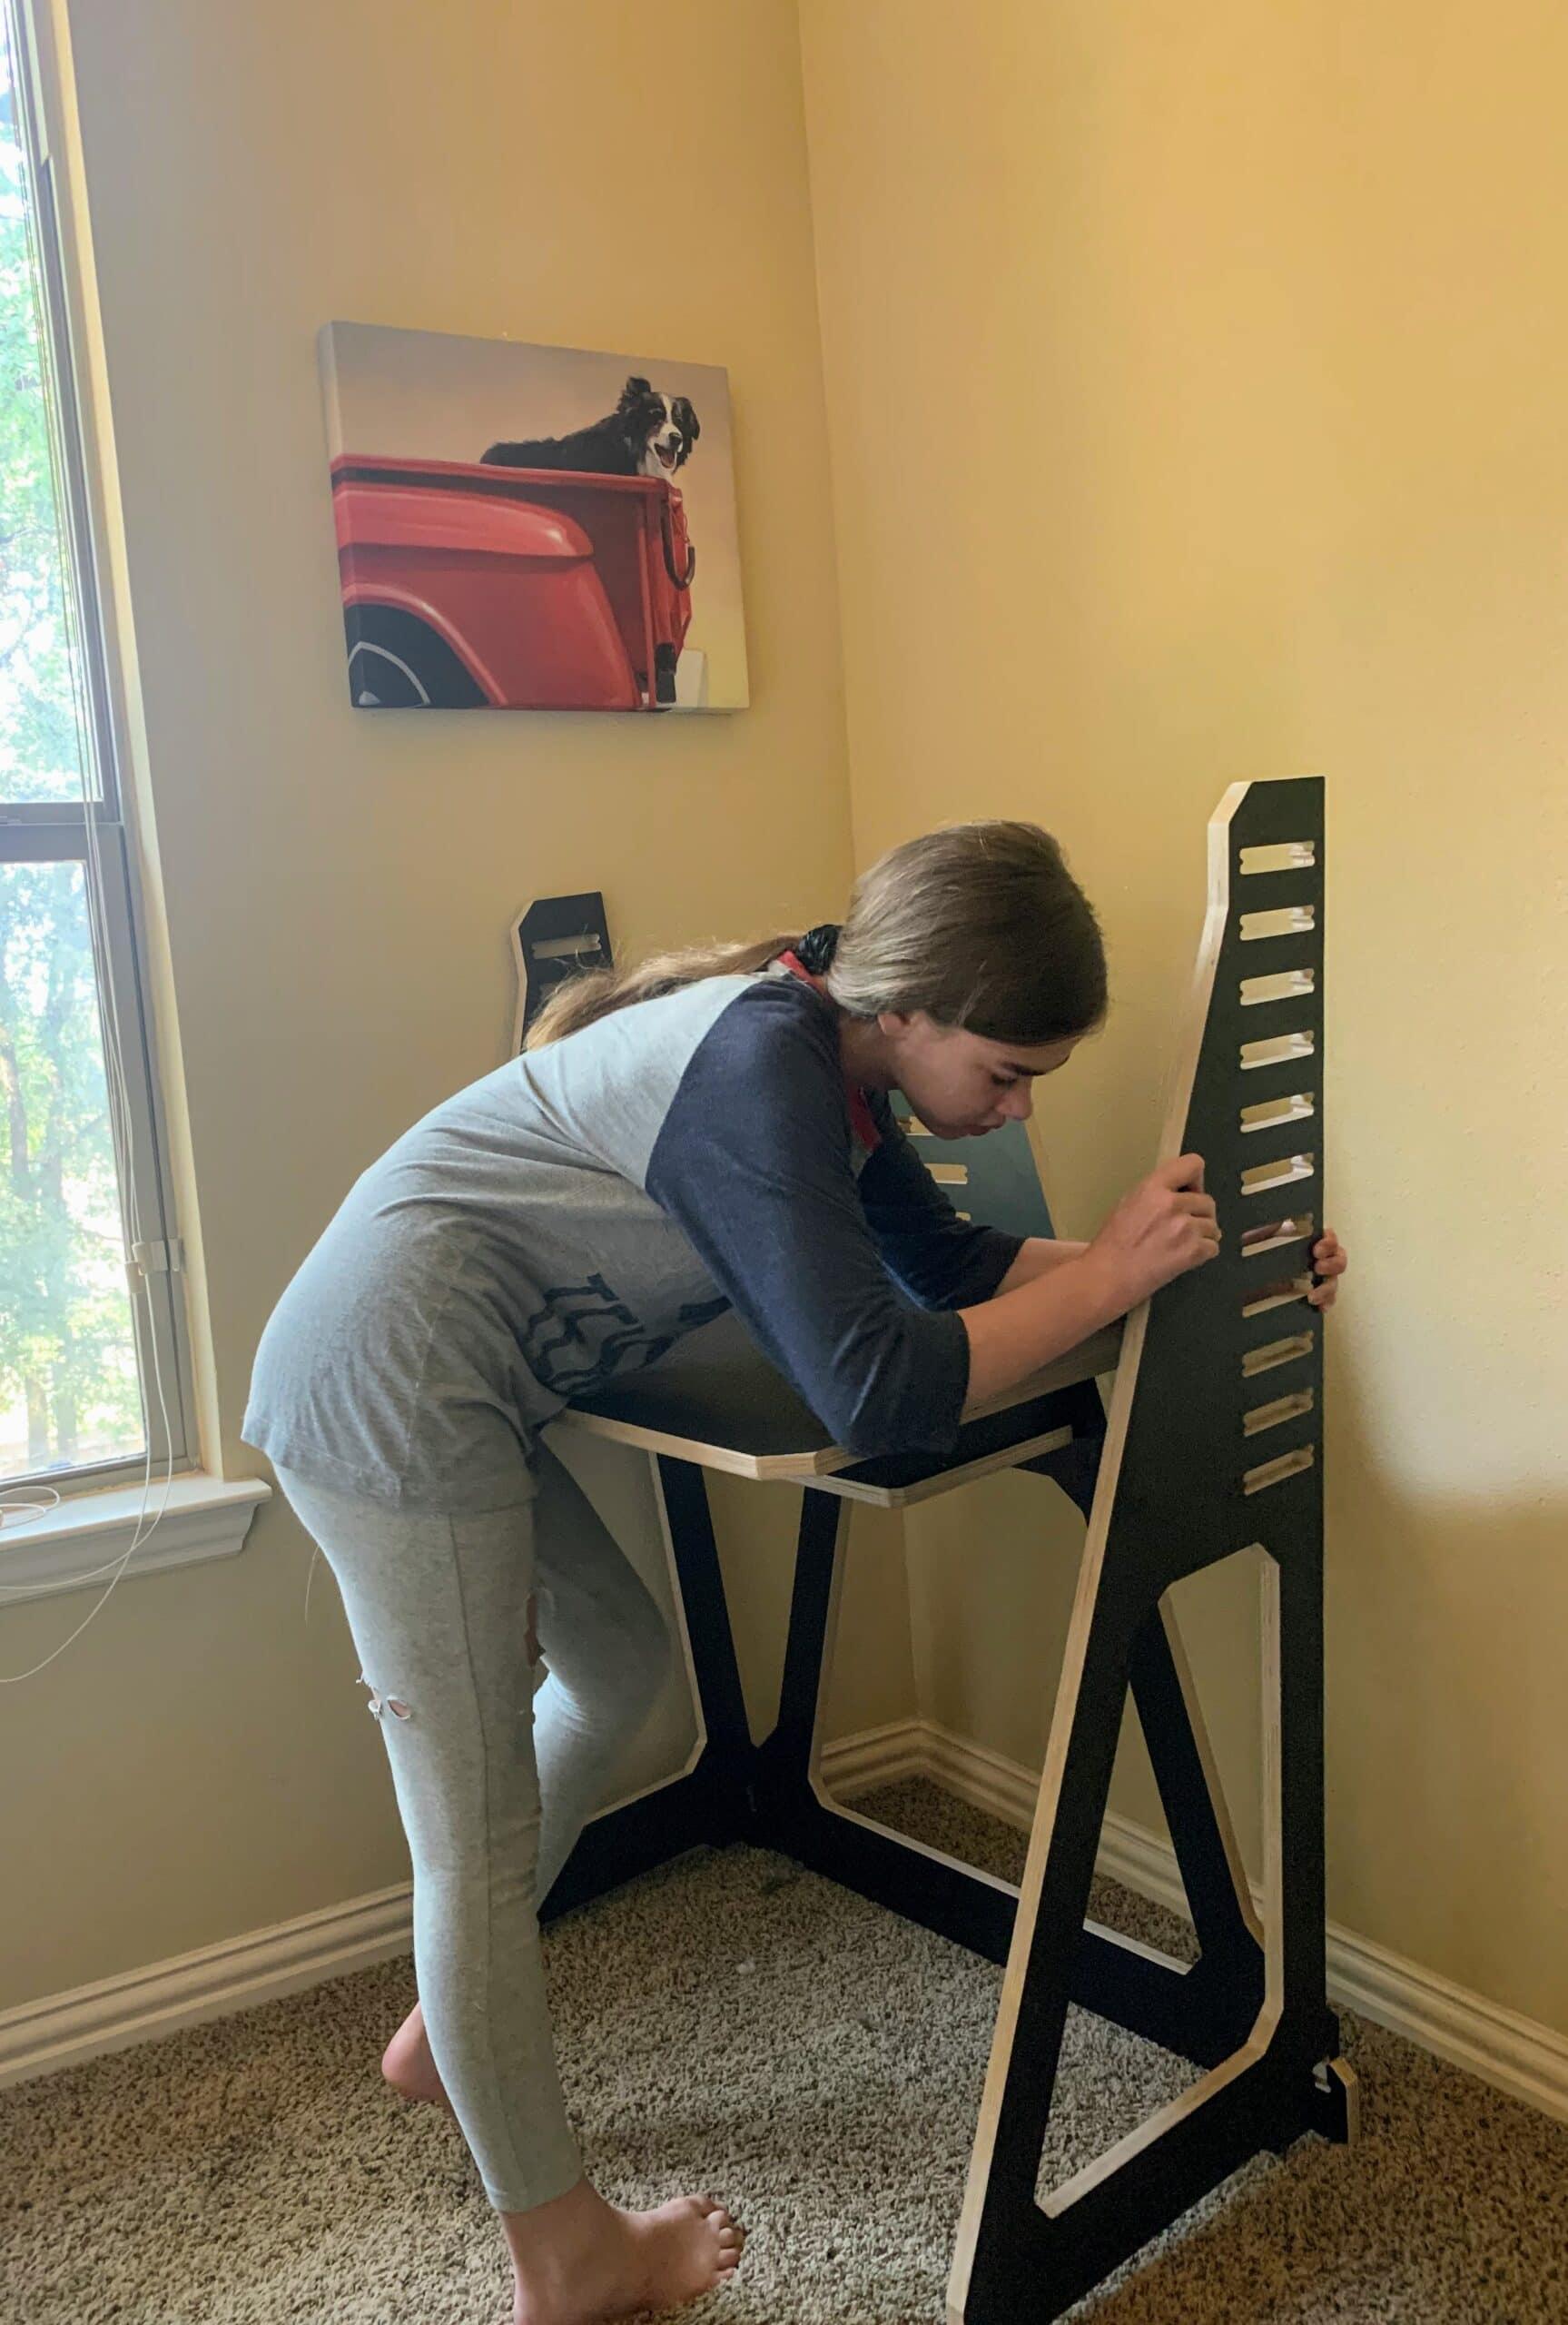 assembling work from home desk